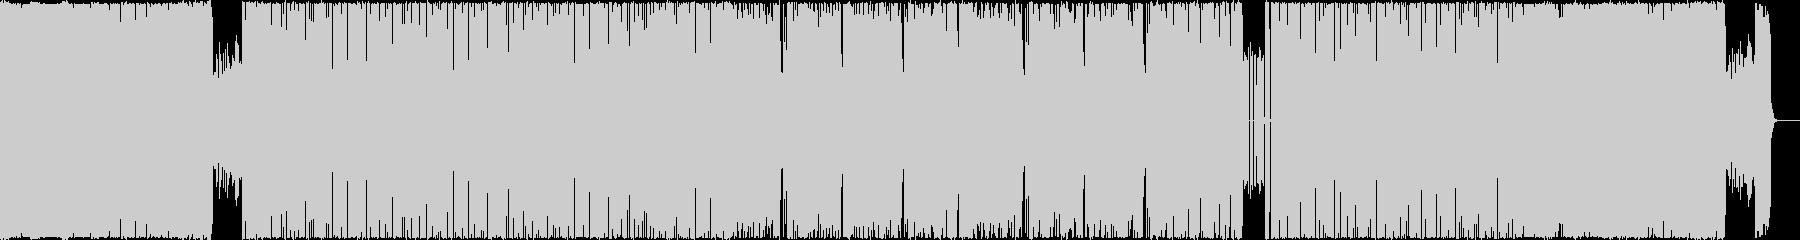 生演奏・ハイテンポの現代的なメタルの未再生の波形